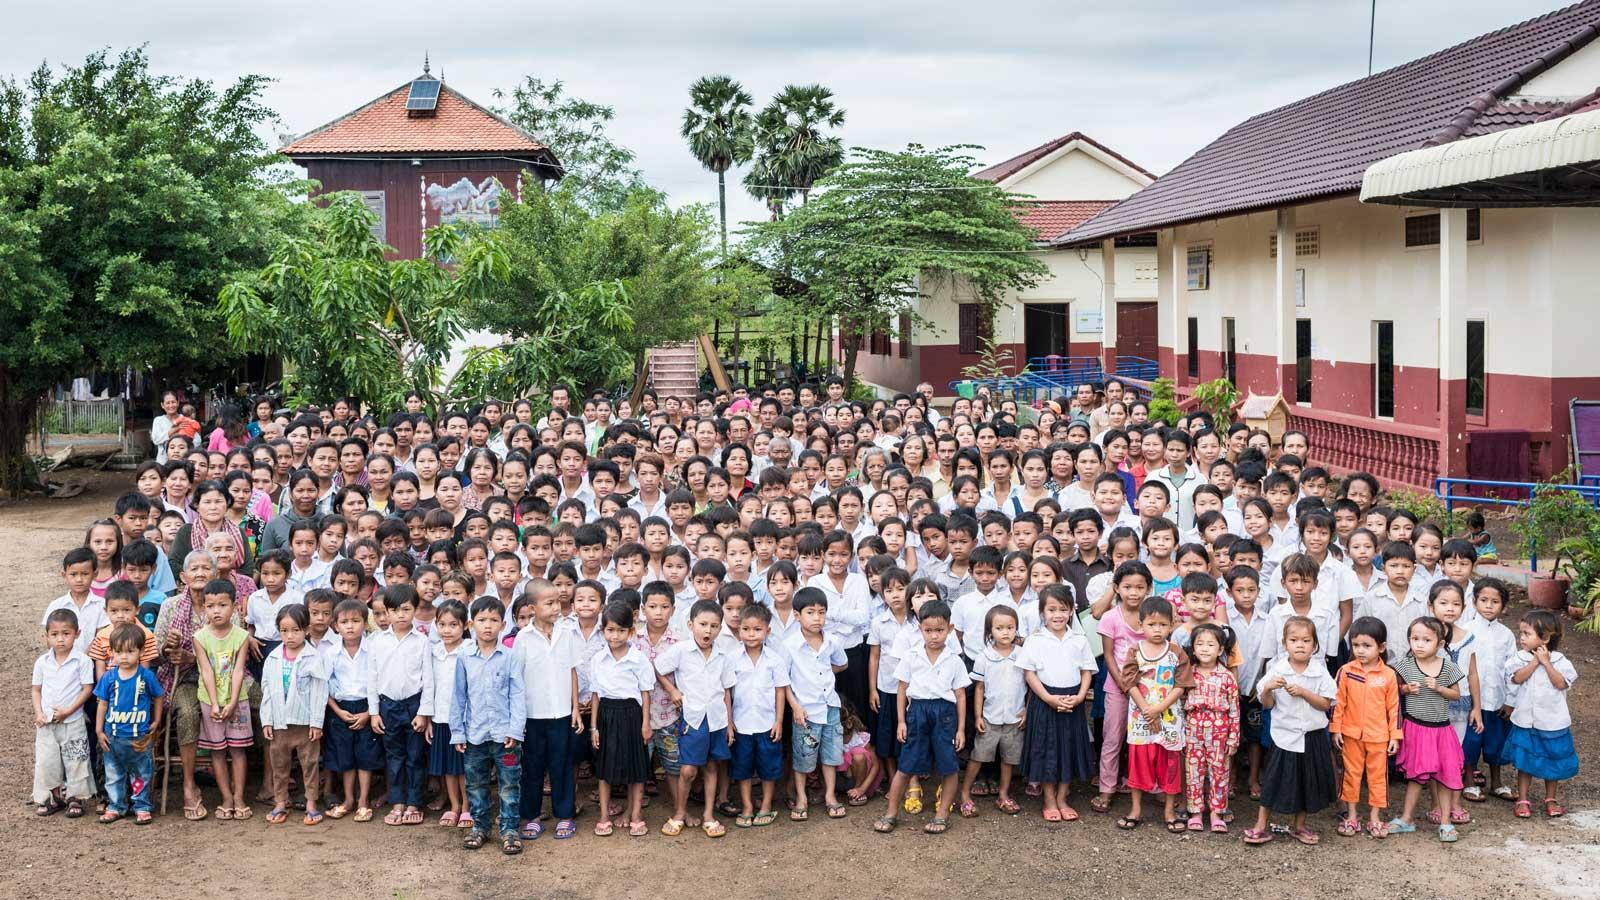 BSDA – Eine bessere Zukunft dank Berufslehren